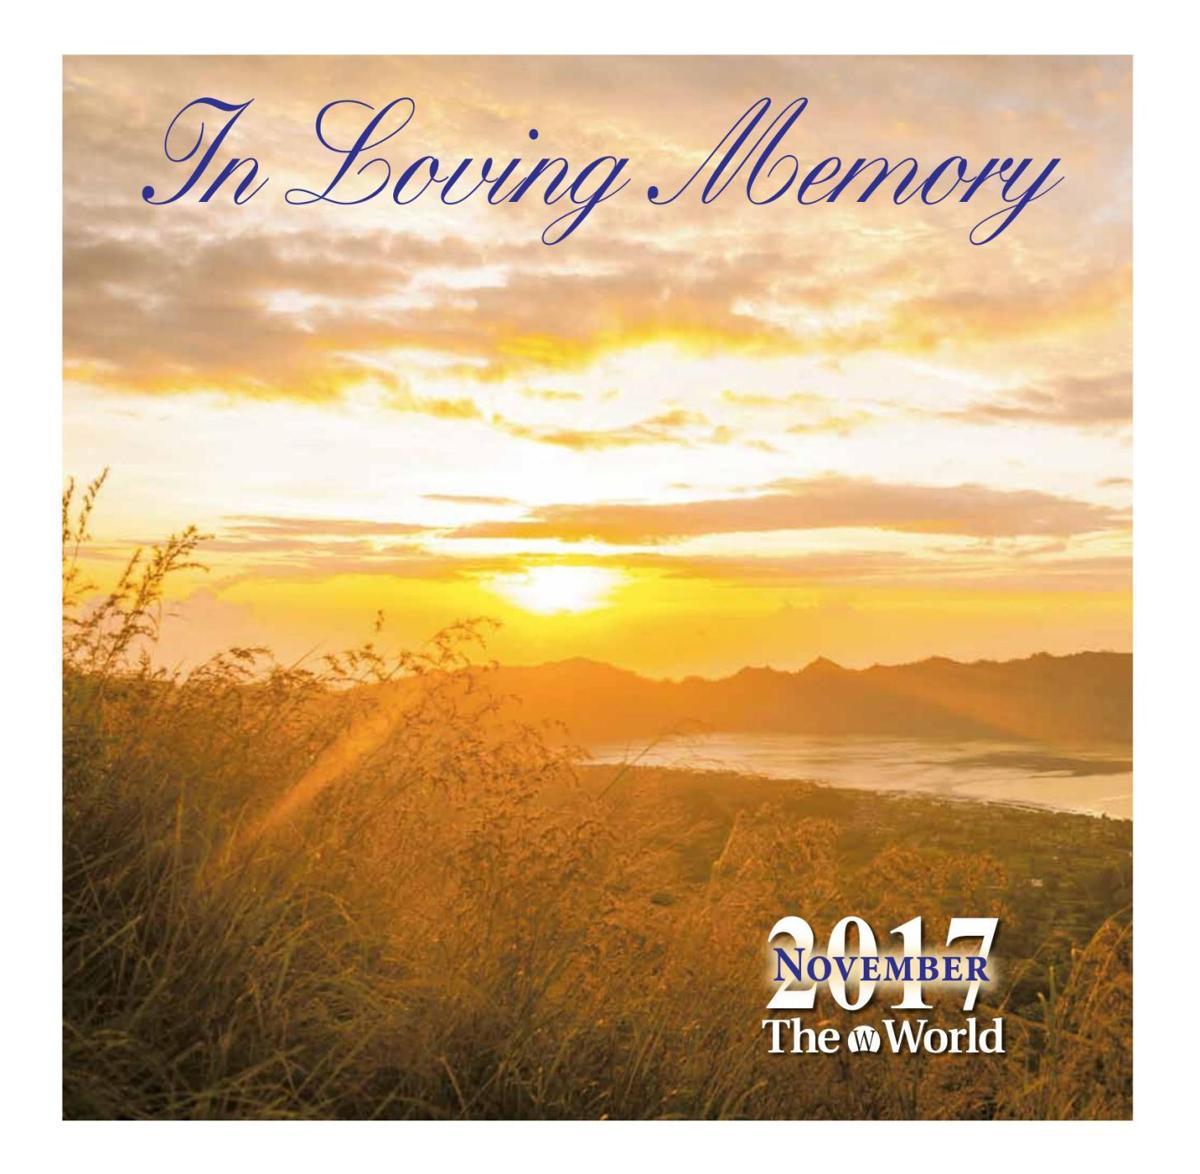 In Loving Memory November 2017